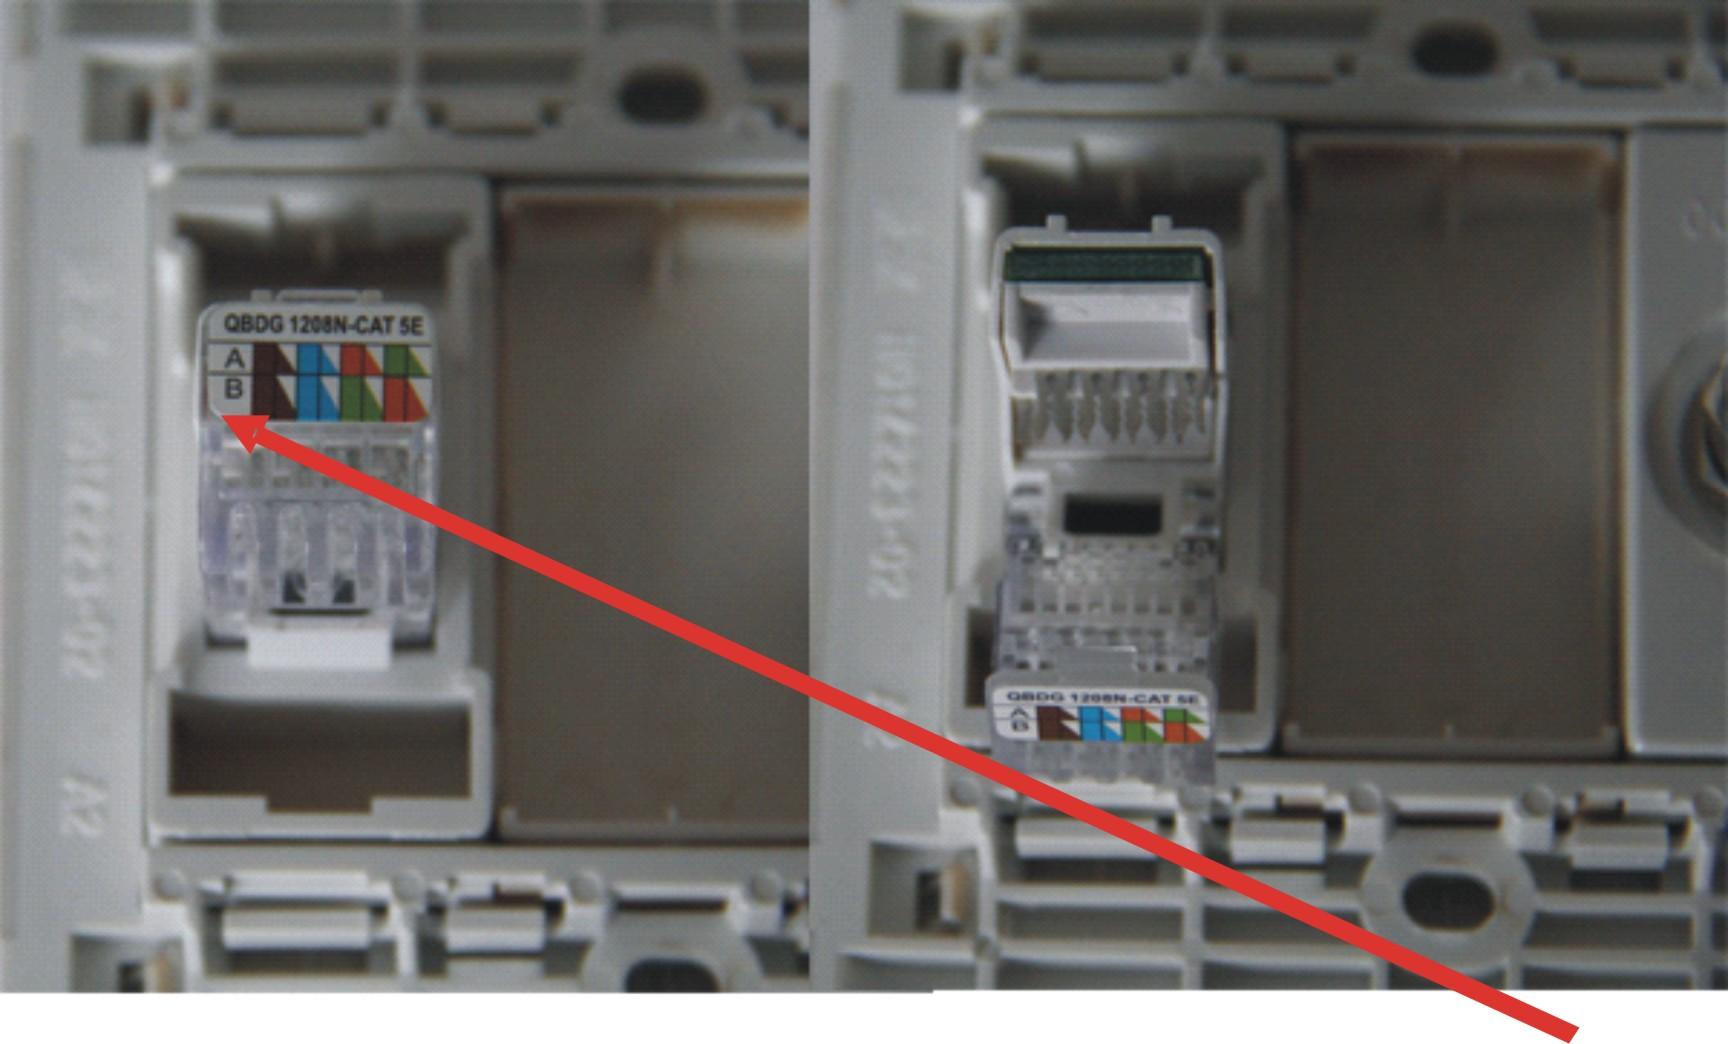 步骤2:分线,用打线钳逐根按进网线插座的金属卡槽内。 注意: a.有的网线是四根白和橙绿蓝棕主色线缠绕,而不是白色和其他色系的混合的白线和主色线缠绕,所以要留心每一组两根线放好后,再拆其他的线,否则,四根白线你无法知道哪一根是白橙、白蓝、白绿、白棕。 b.每次分离后,先不要压线,等所有的线路都放置好,同一使用打线钳,逐根打线。 c.